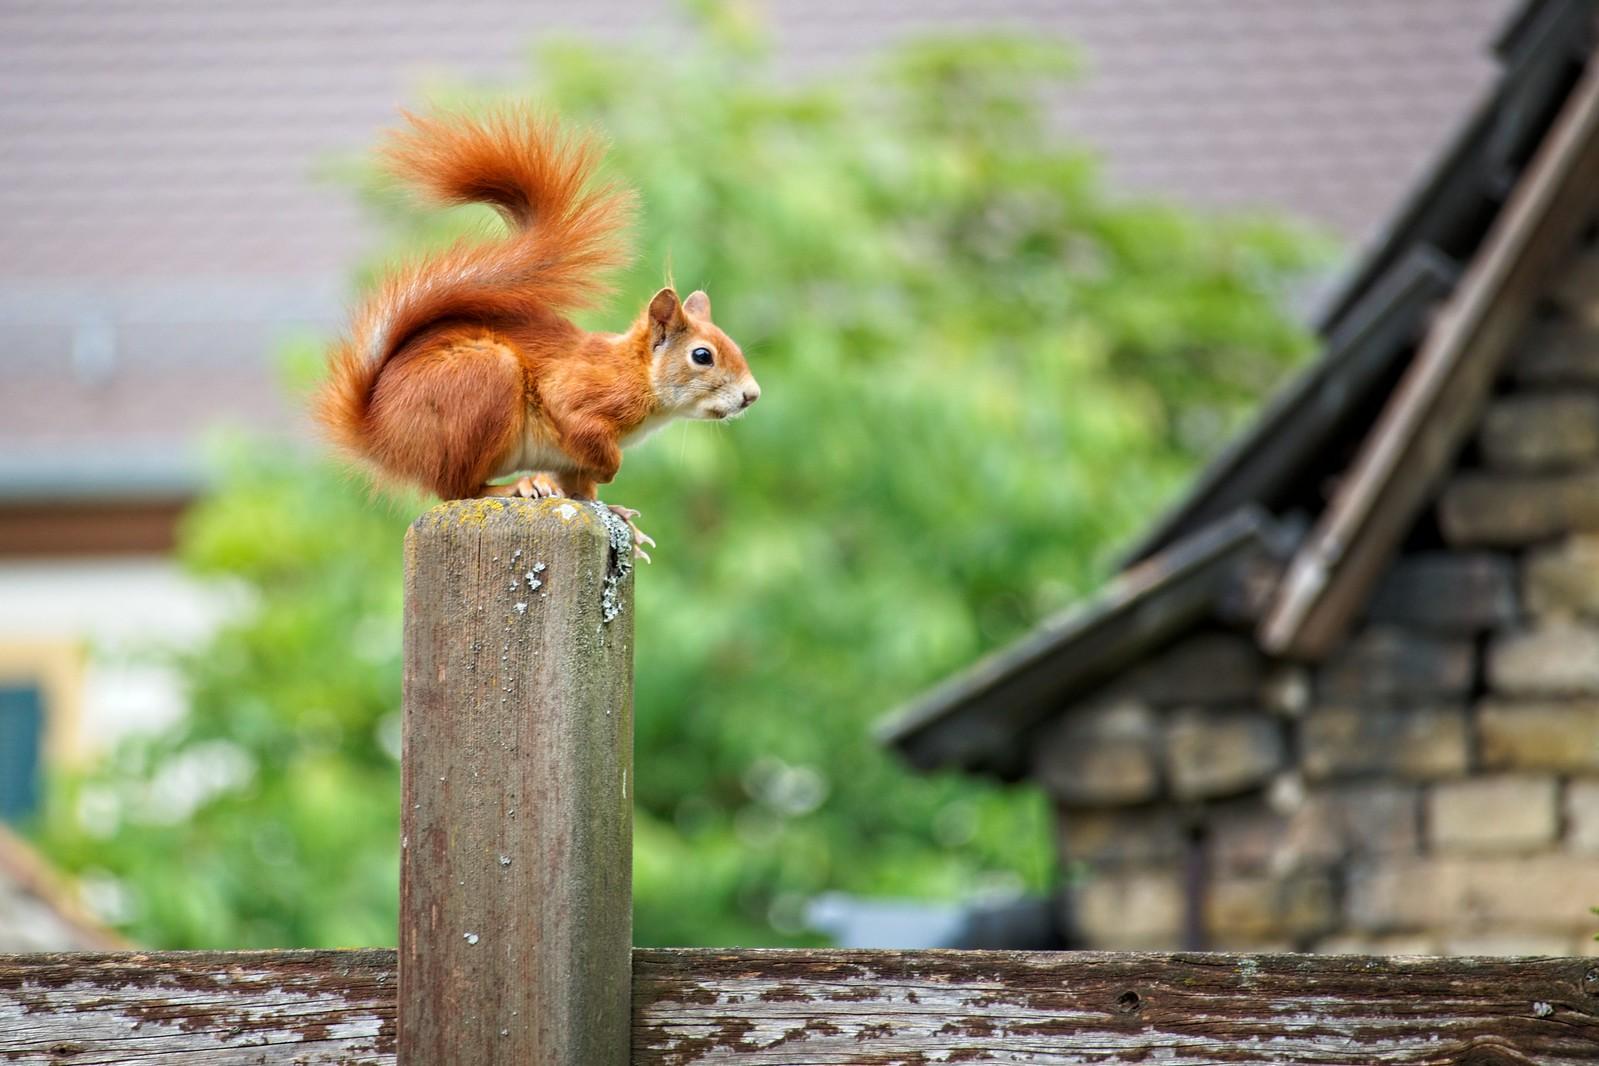 Eurasisches Eichhörnchen auf einem Pfosten